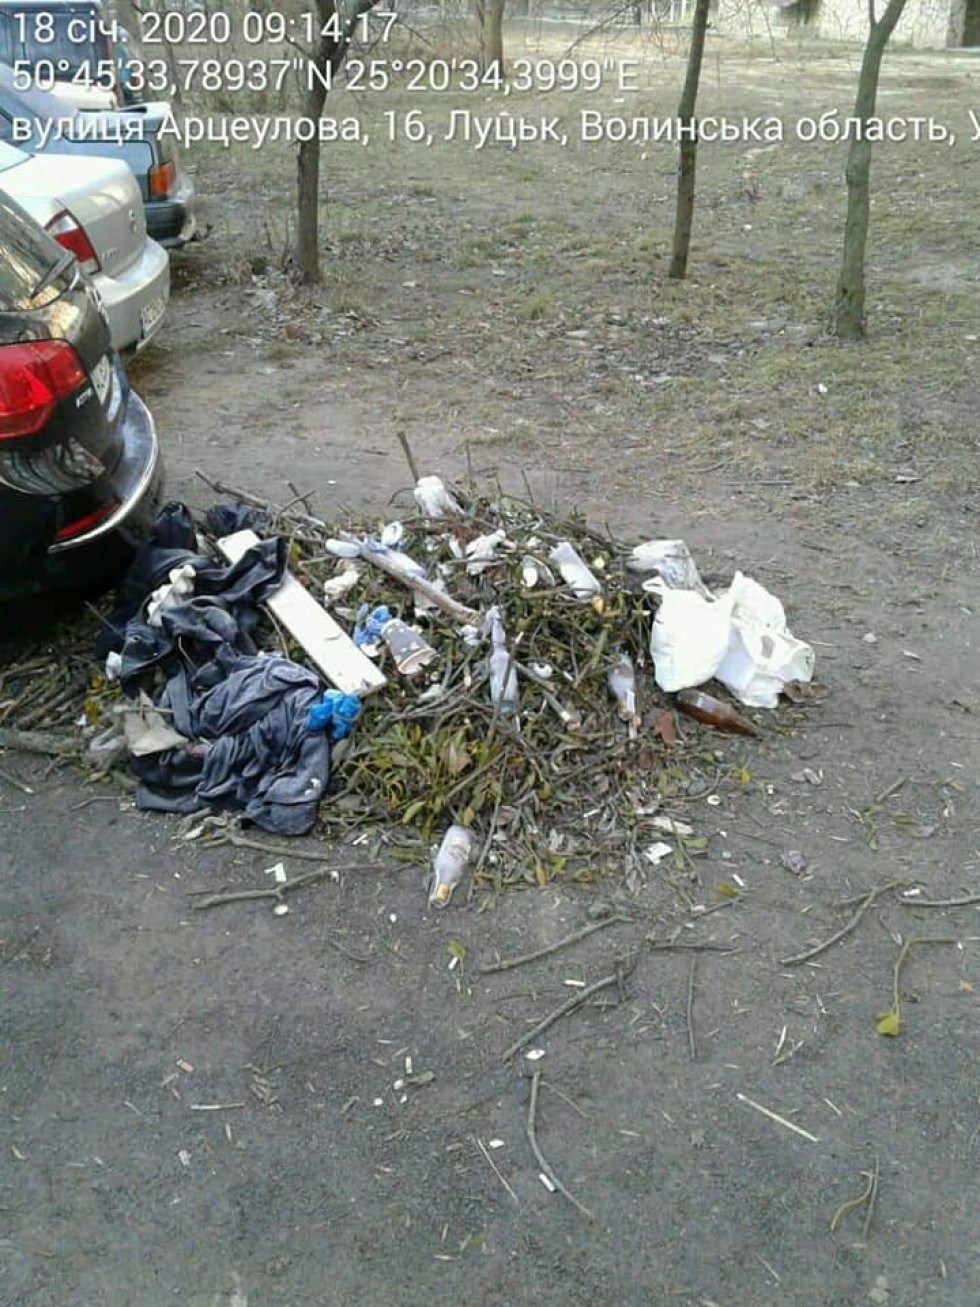 Лучани засмічують території навколо смітників, – муніципали